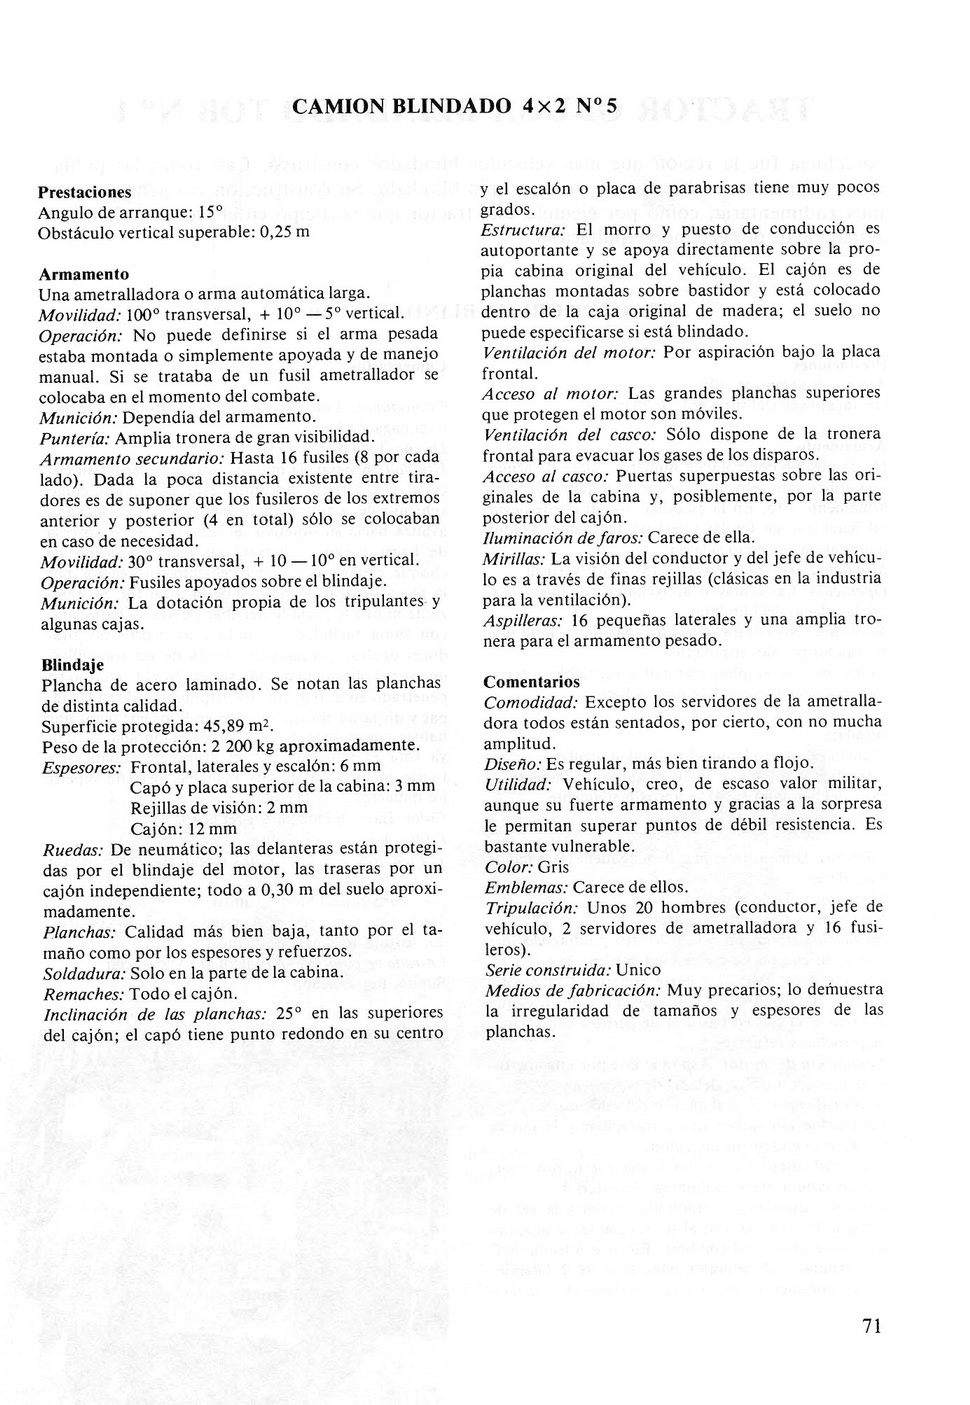 Carros De Combate Y Vehiculos Blindados De La Guerra 1936 1939 [F.C.Albert 1980]_Страница_069.jpg